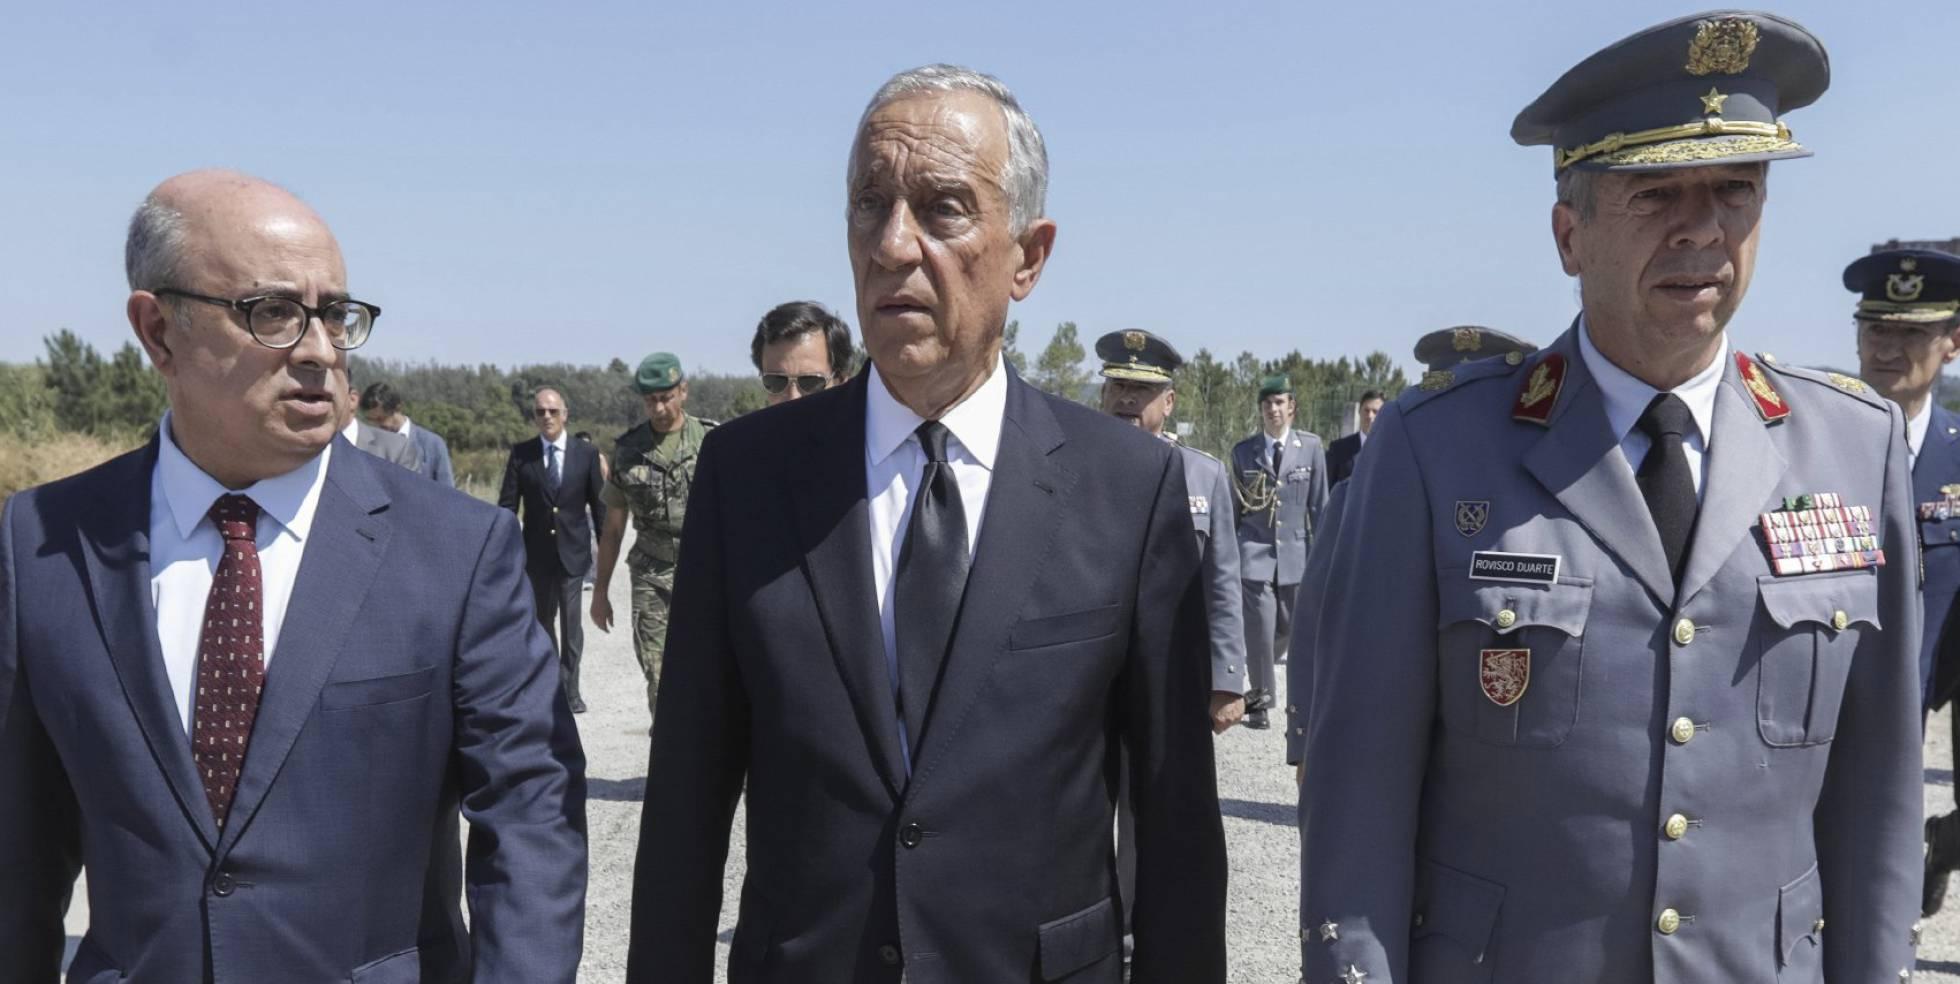 Robadas en Portugal un centenar de granadas 1499372756_984329_1499372917_noticia_normal_recorte1